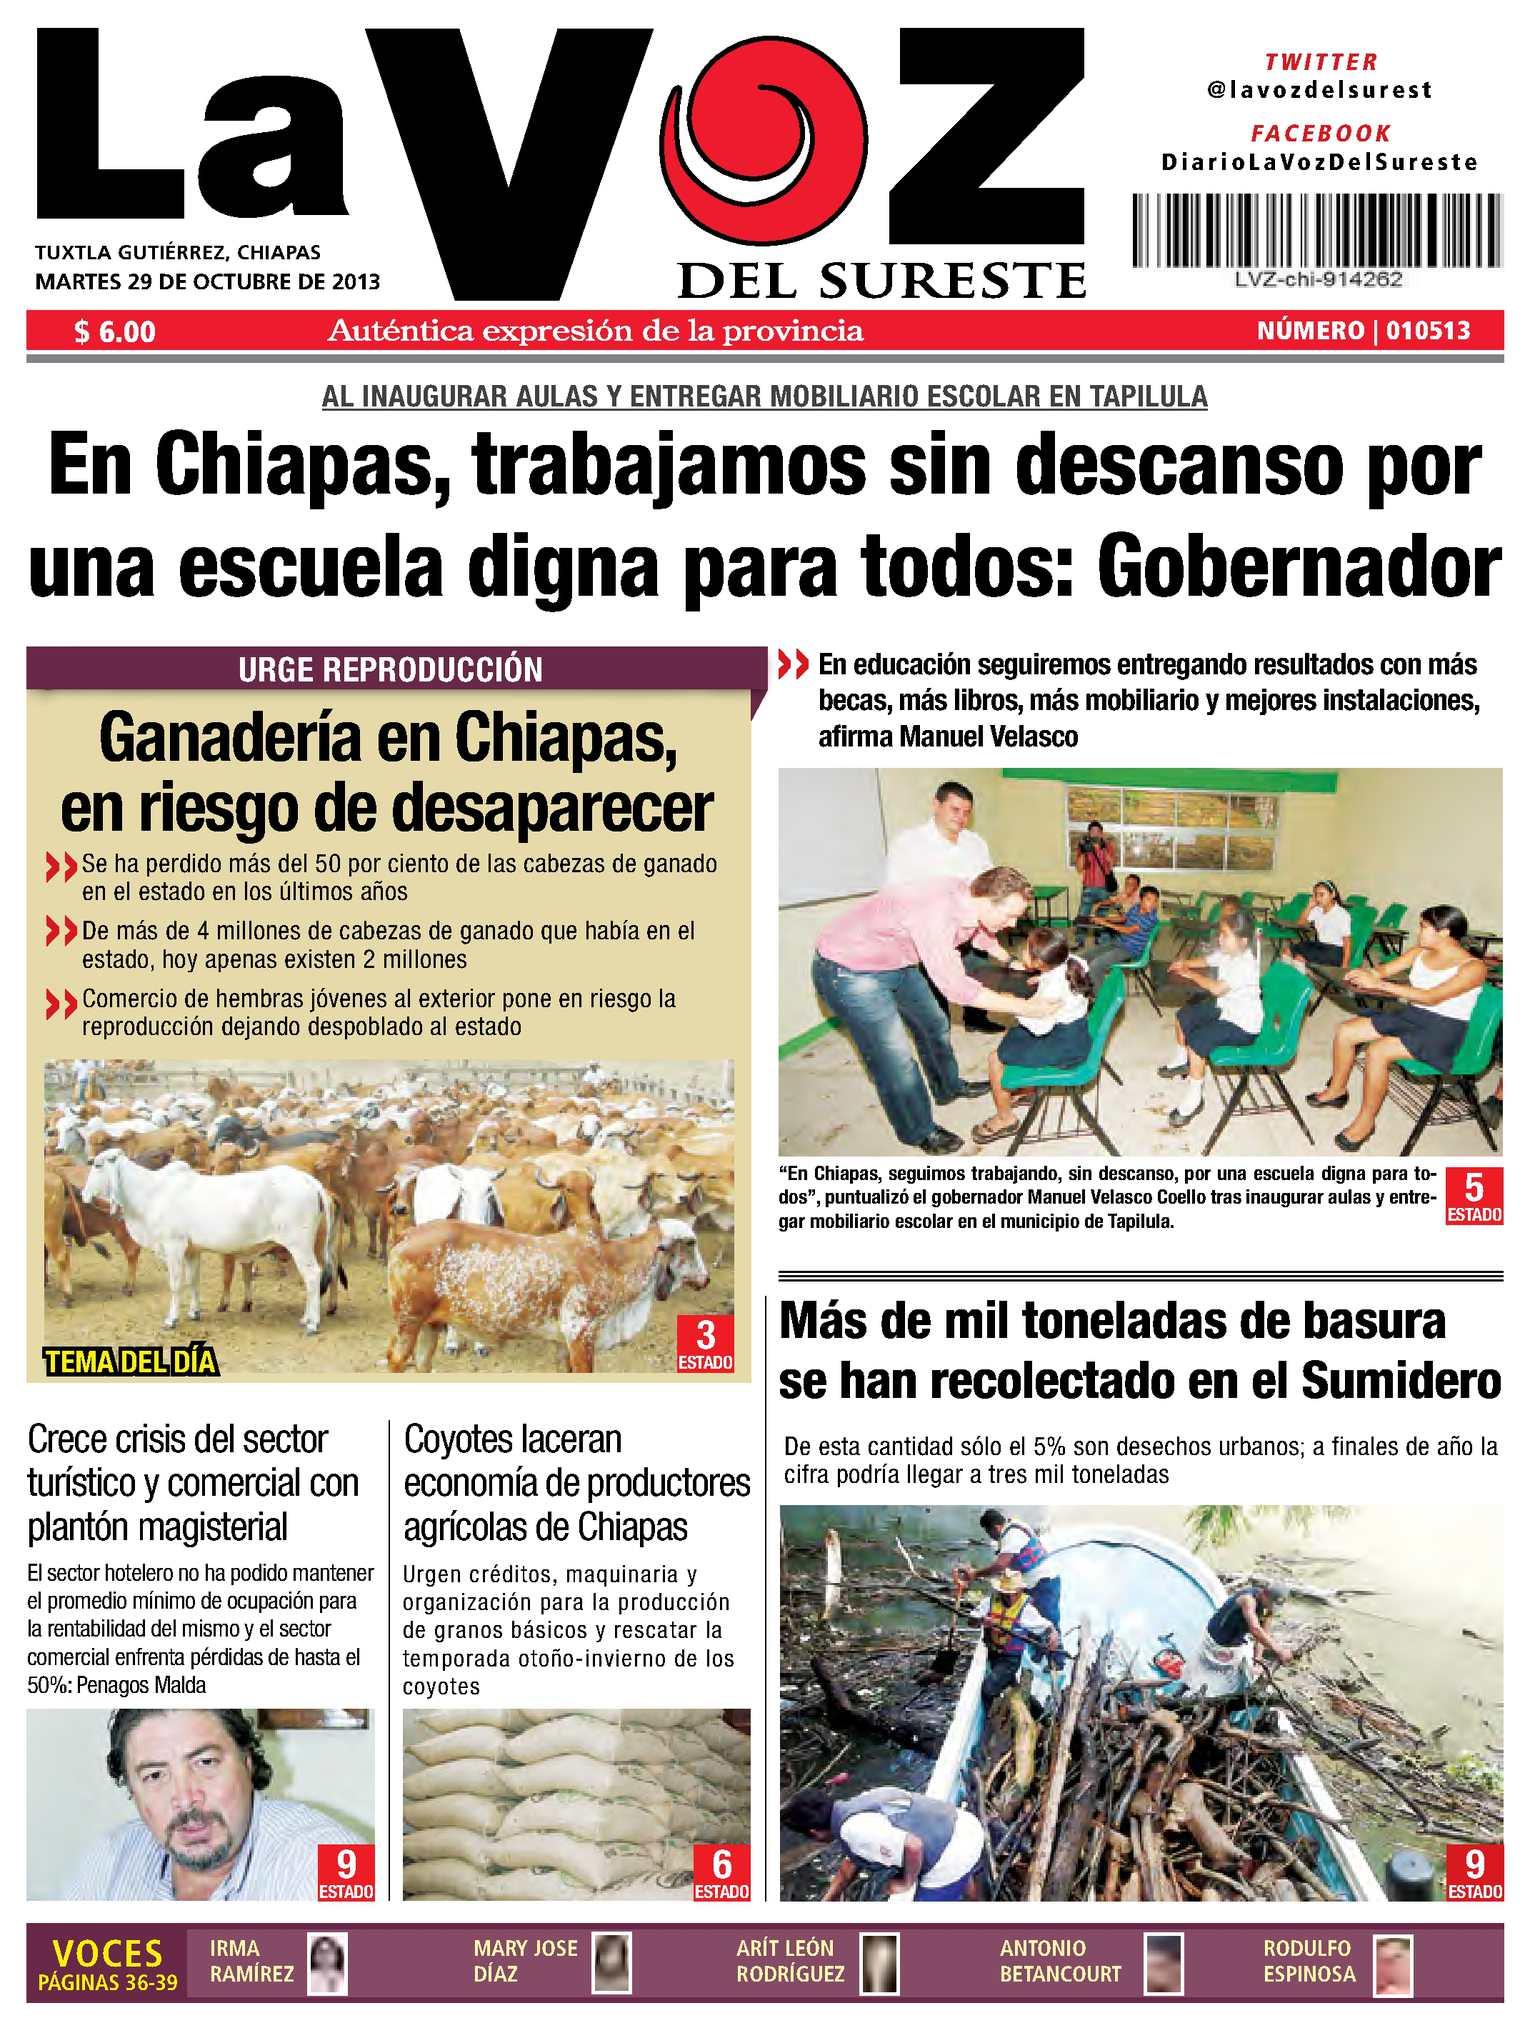 SAN JUAN BAUTISTA TUXTEPEC 100 MEJORES SITIOS DE CITAS